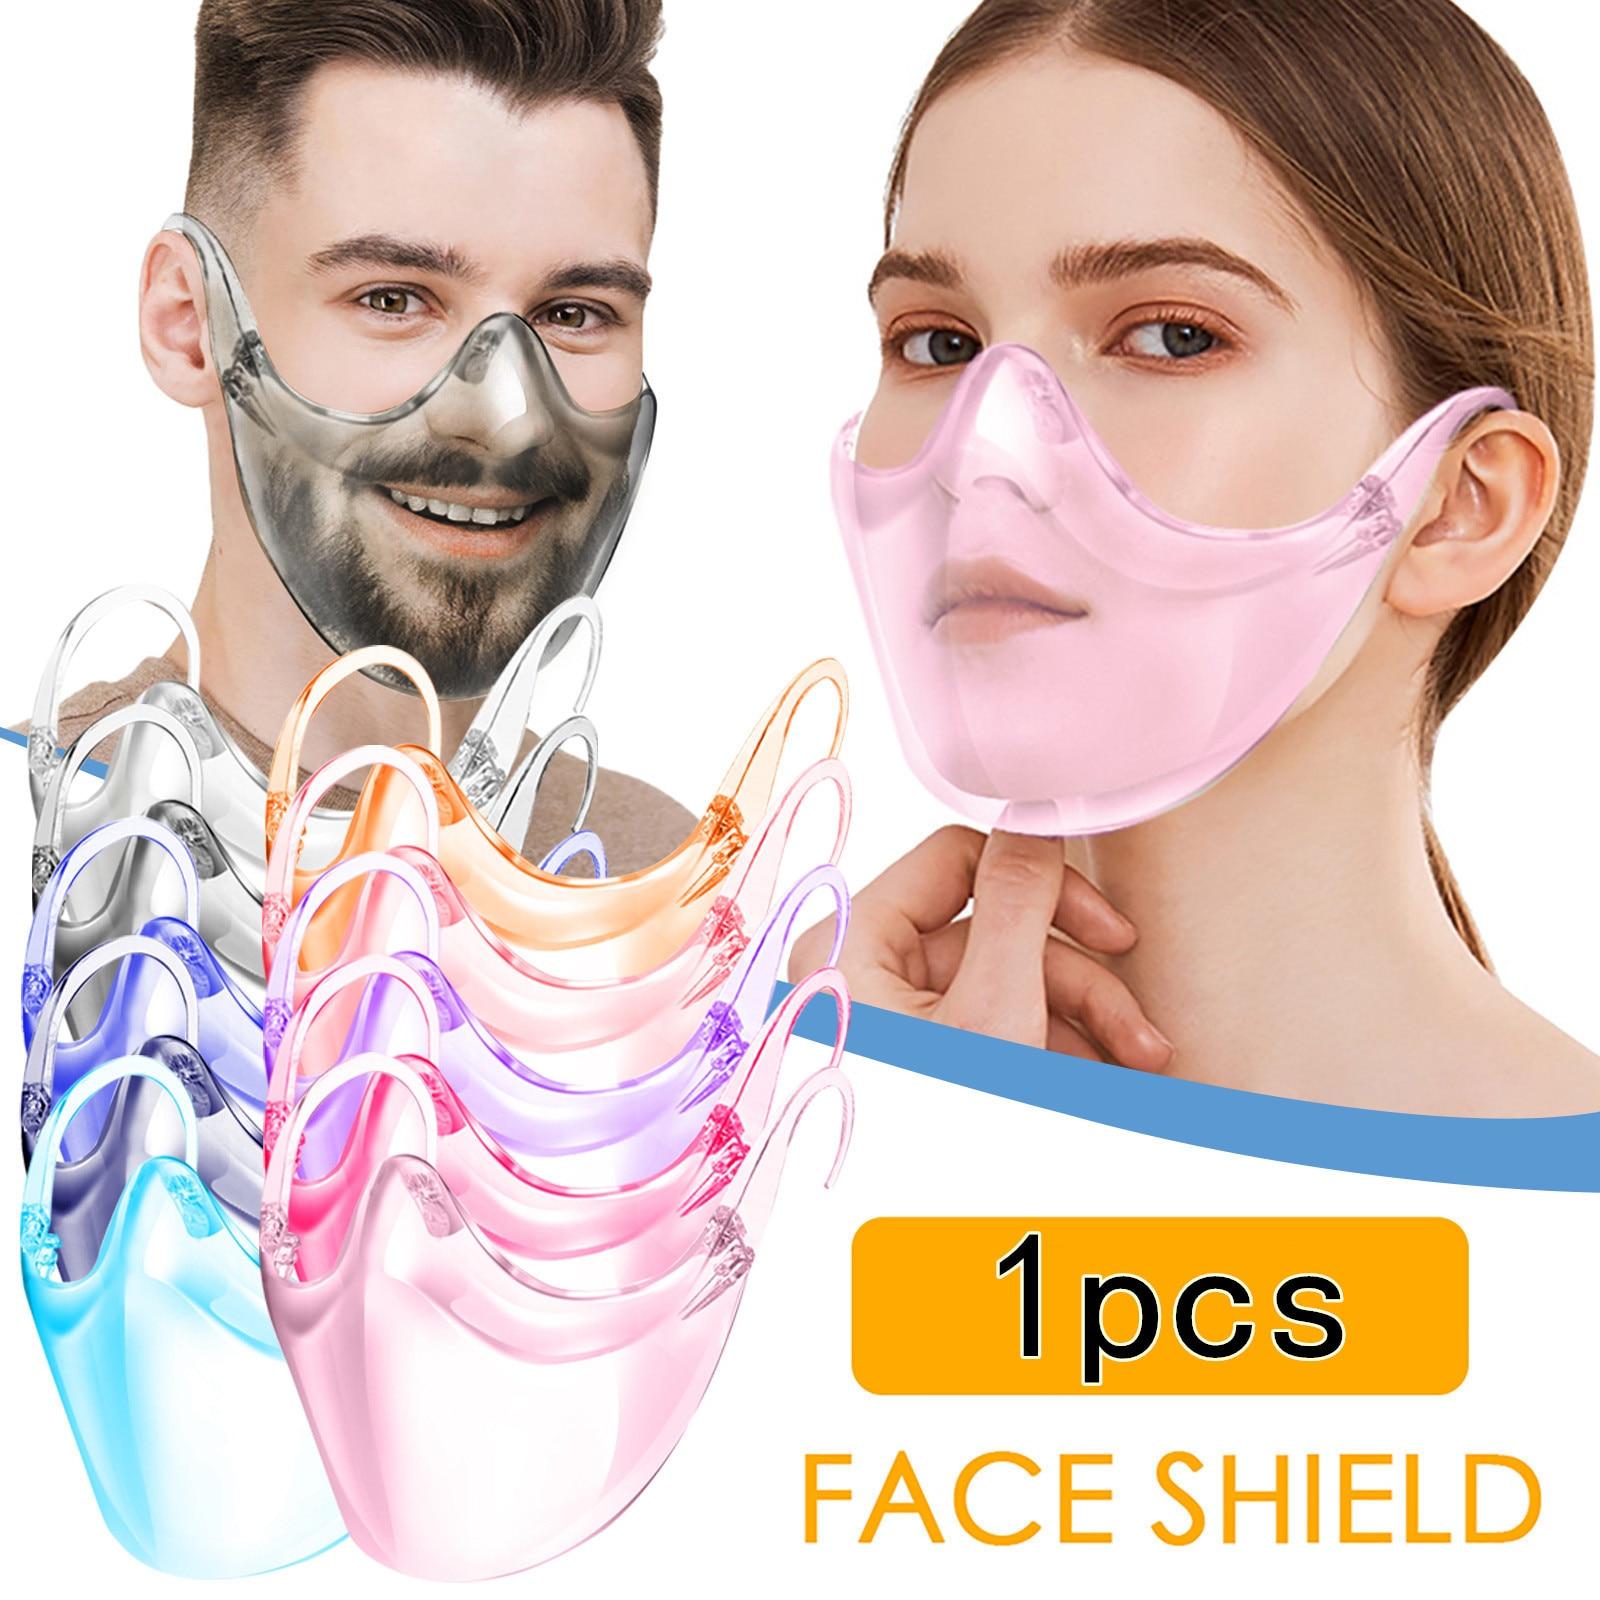 Прозрачная крышка для рта моющаяся прочная черная маска для лица комбинированная пластиковая маска для рта розовая многоразовая прозрачна...